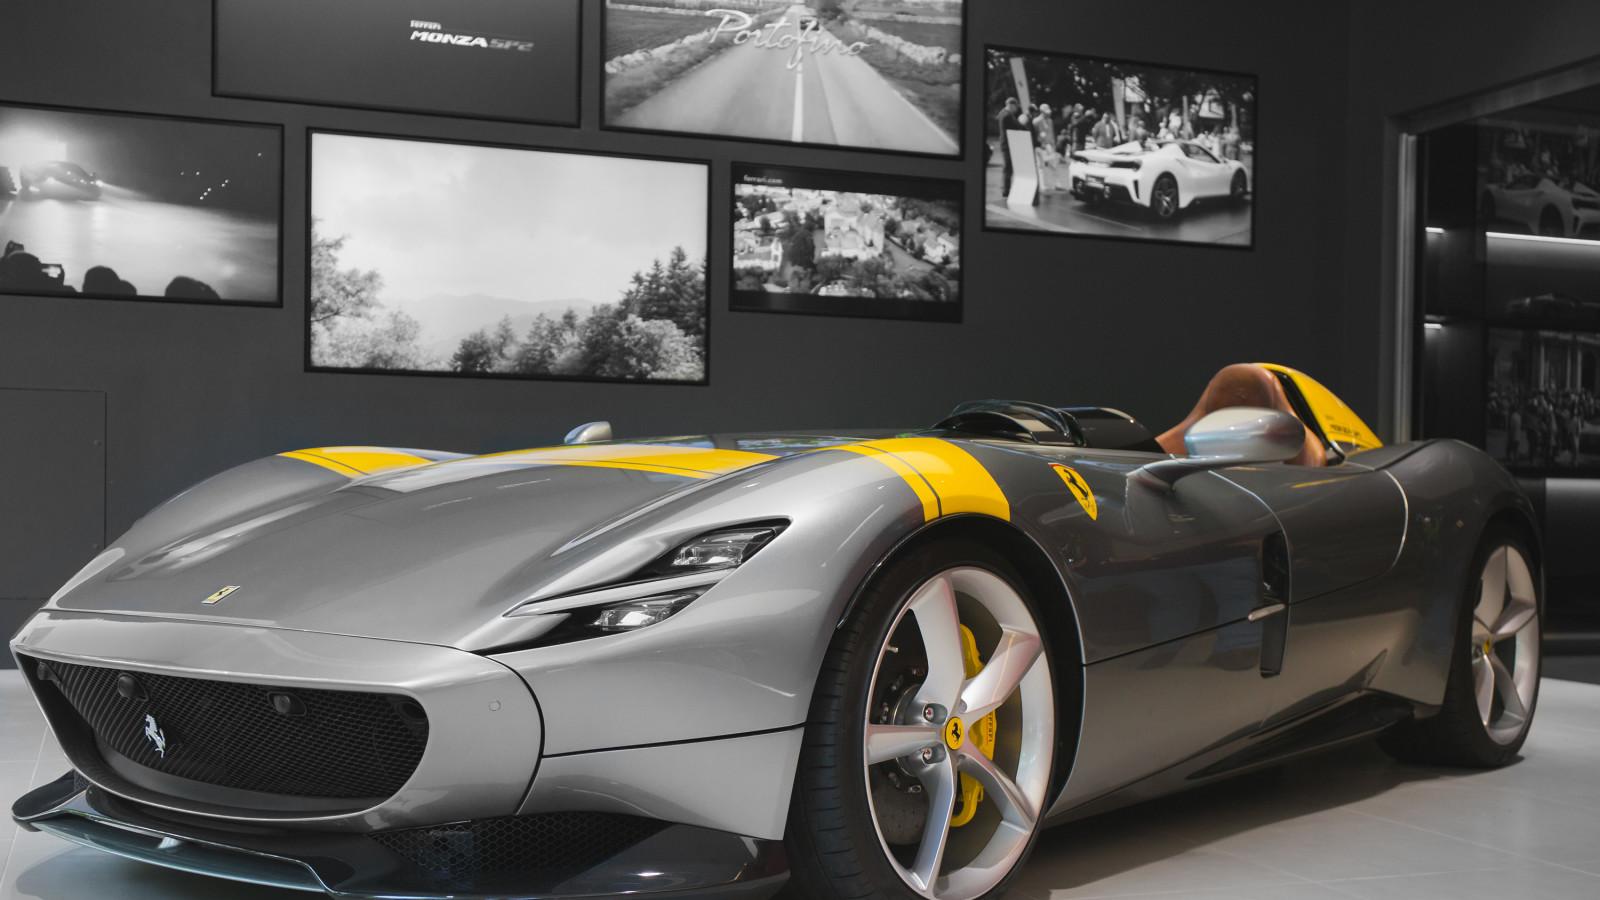 Der Ferrari Monza SP1 zählt zu den schönsten Autos der Welt.